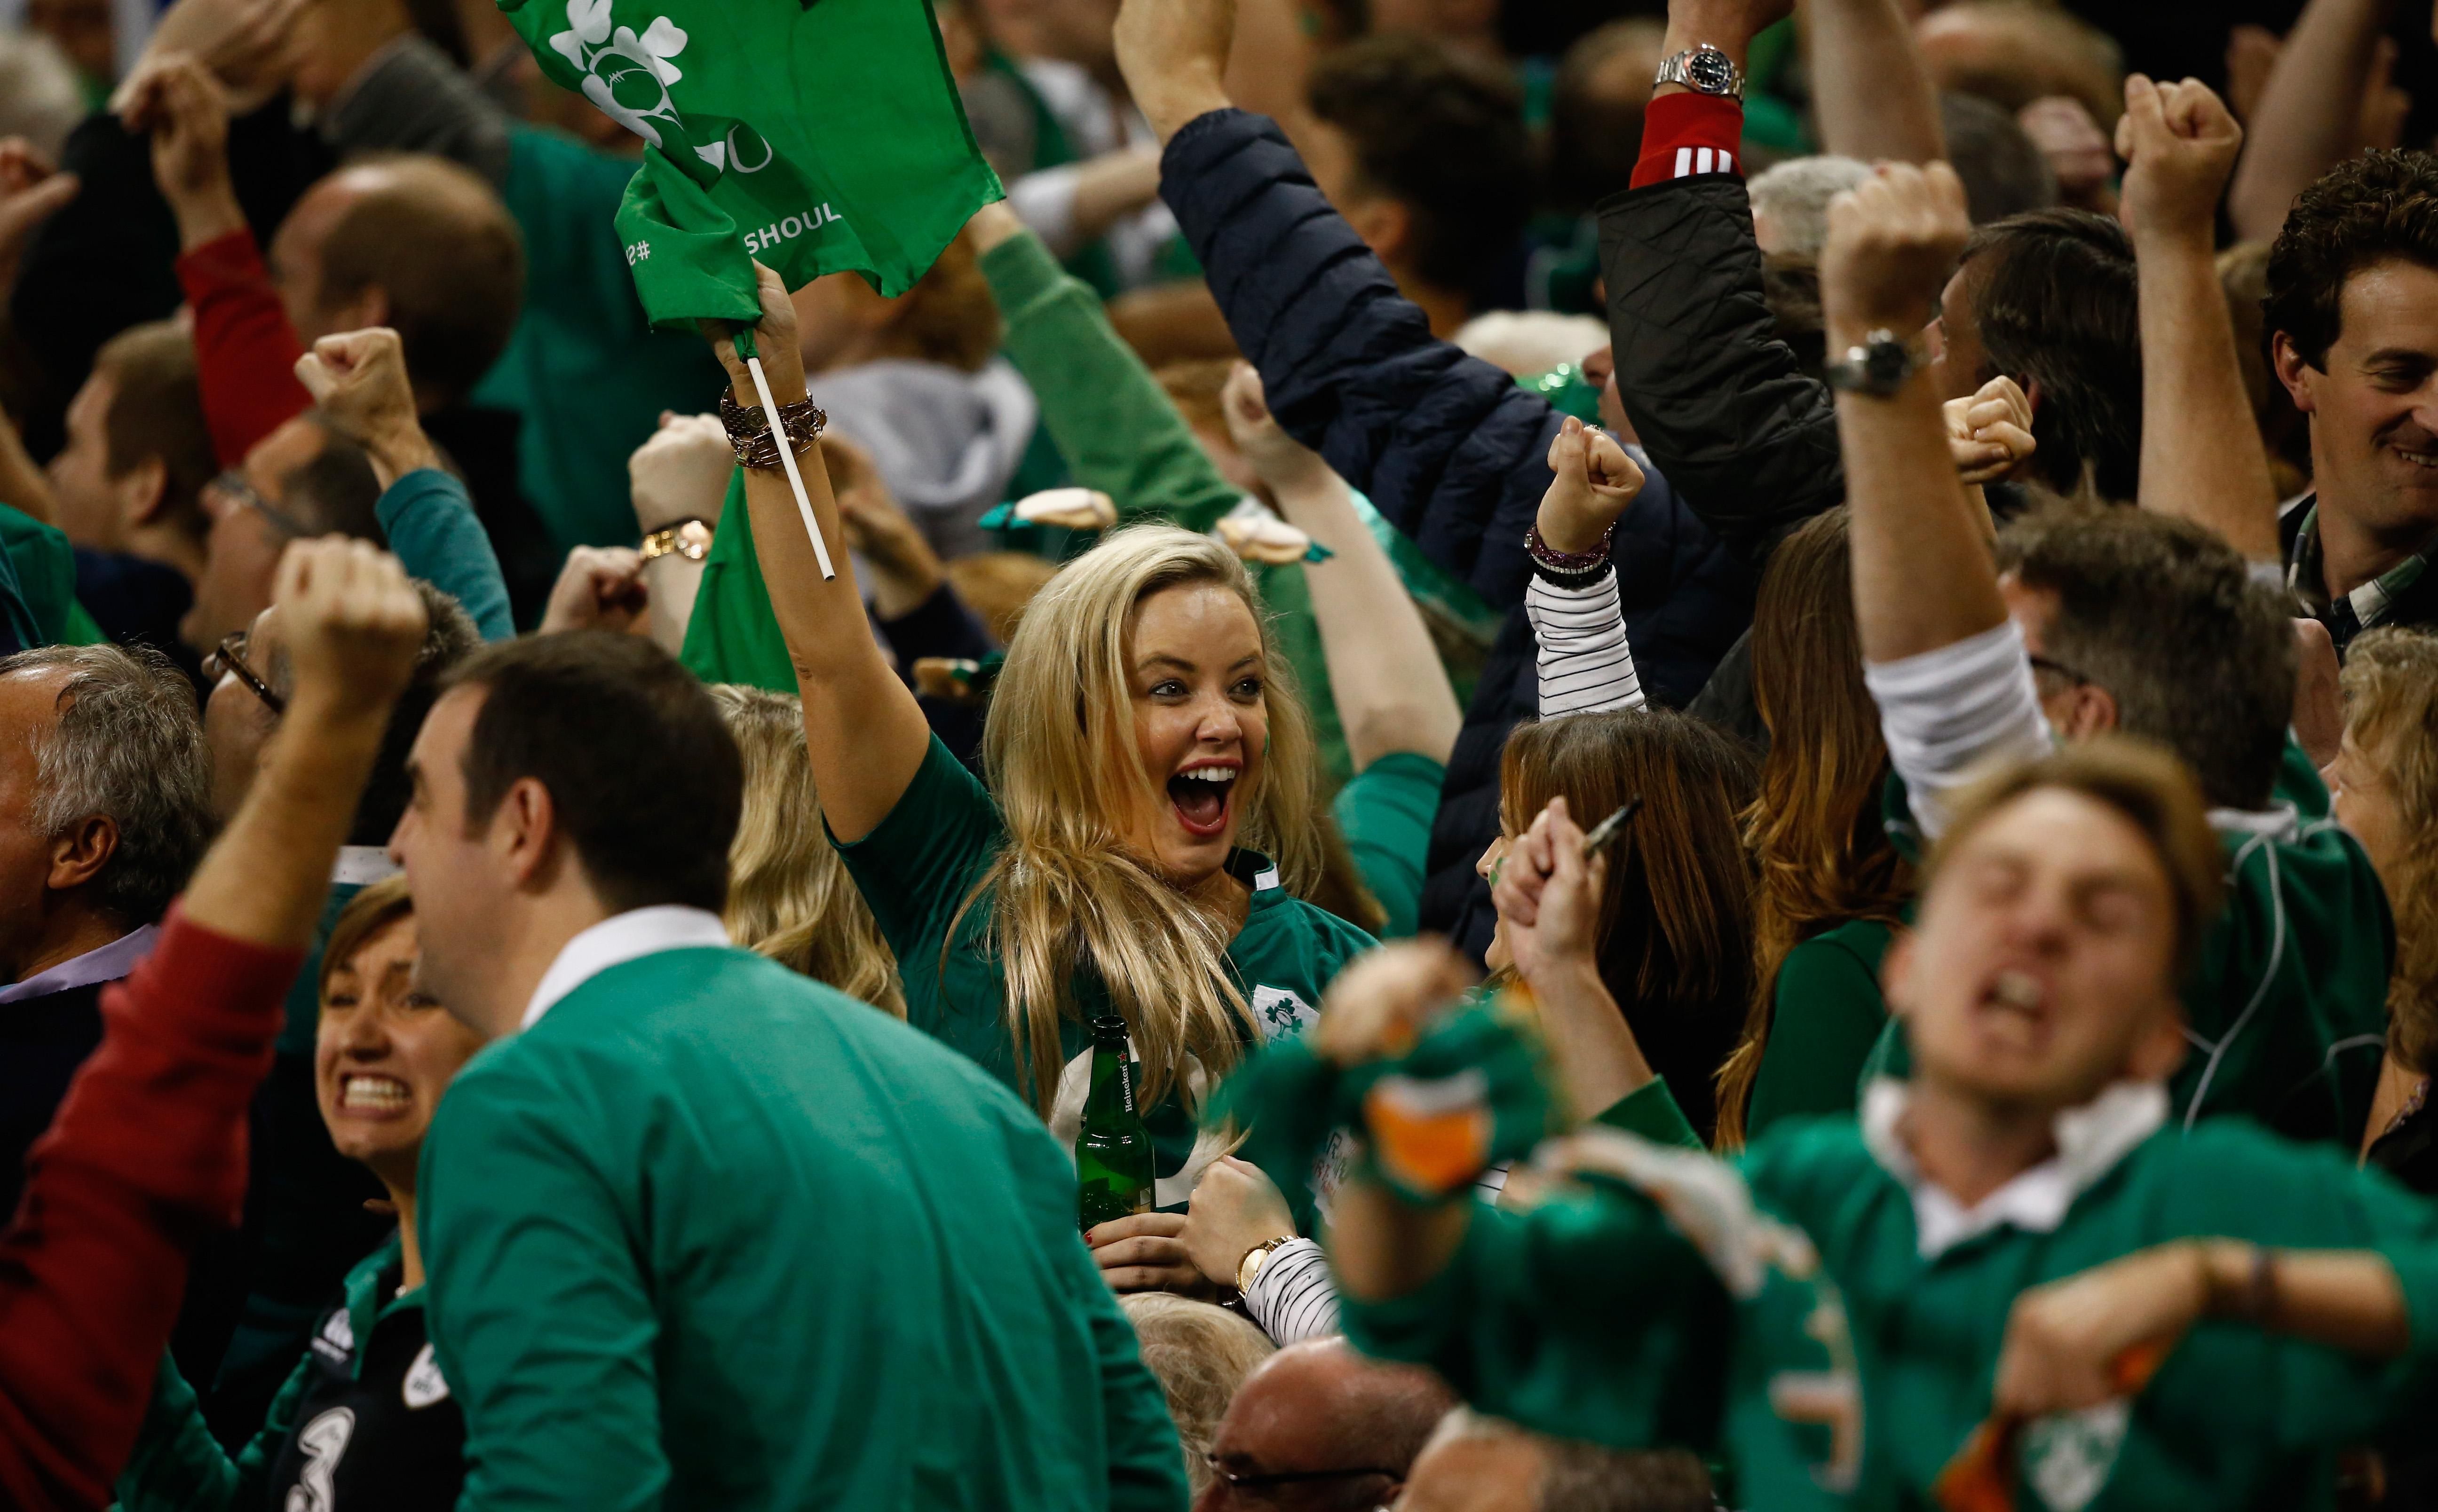 日本 対 アイルランド 放送